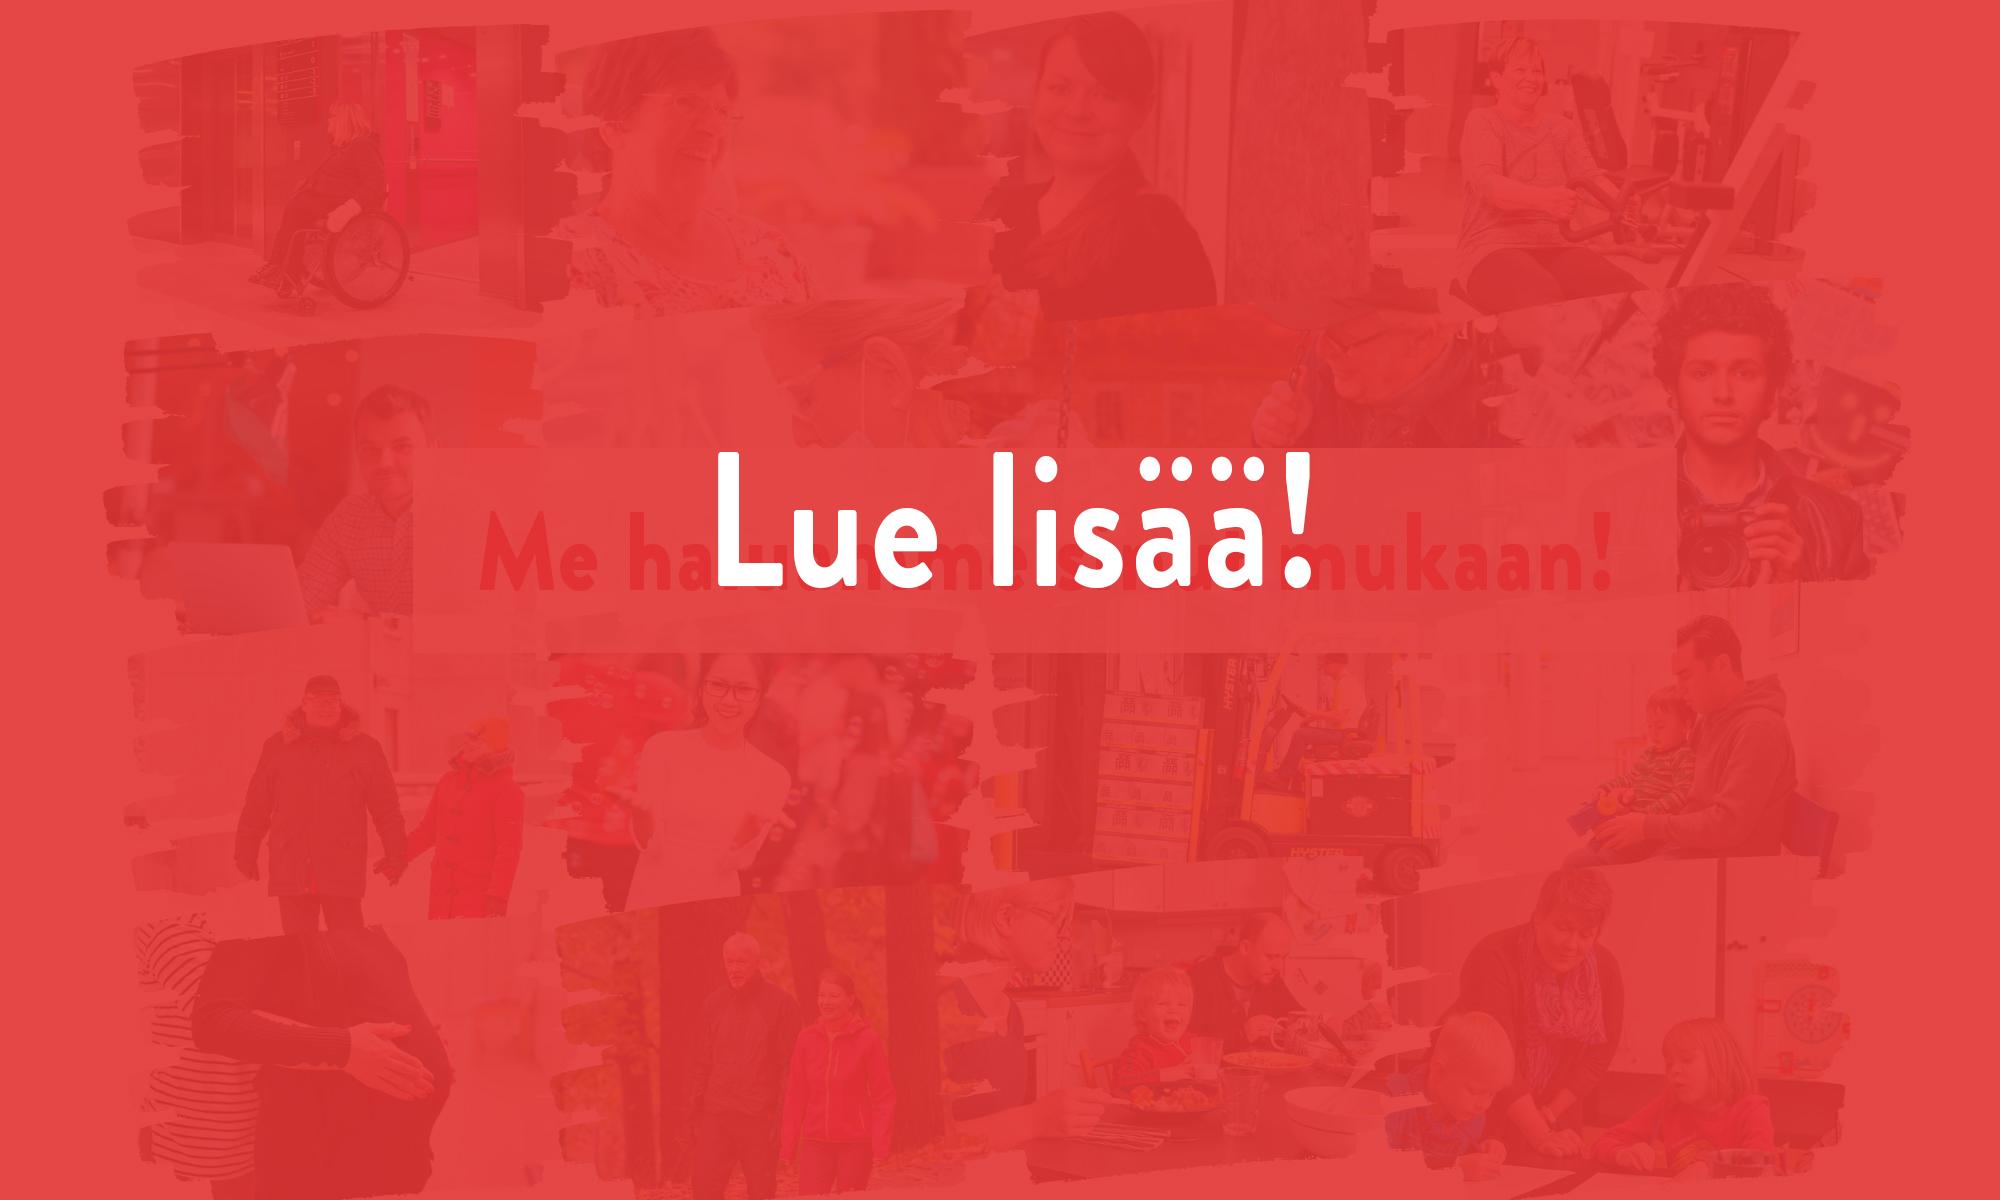 Lue liss_tule jäseneksi